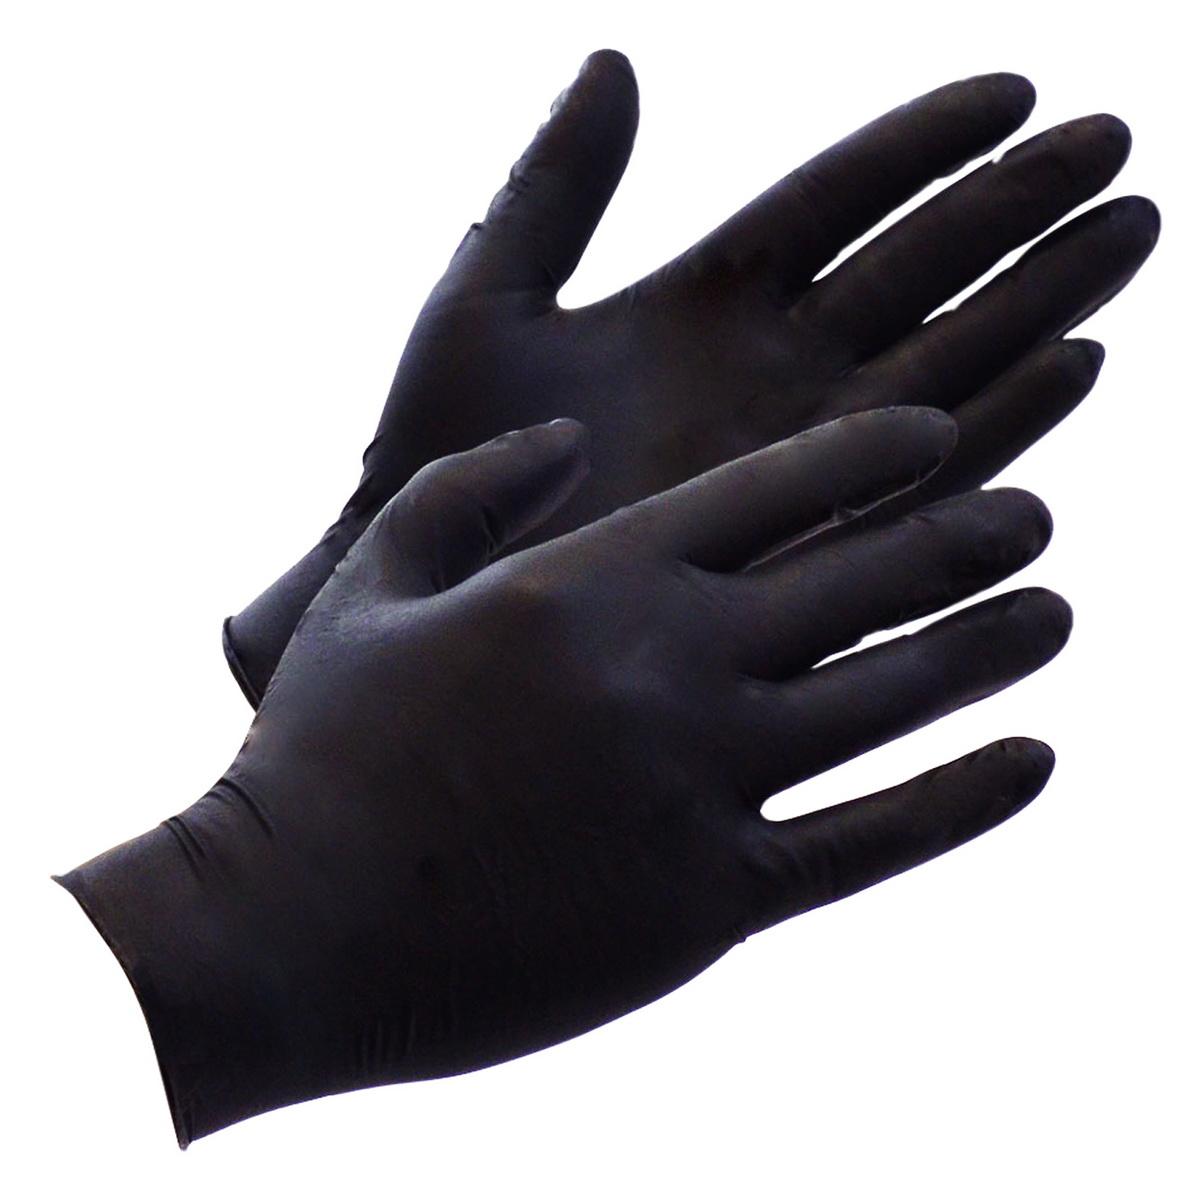 Černé latexové rukavice (100 ks) (velikost S)